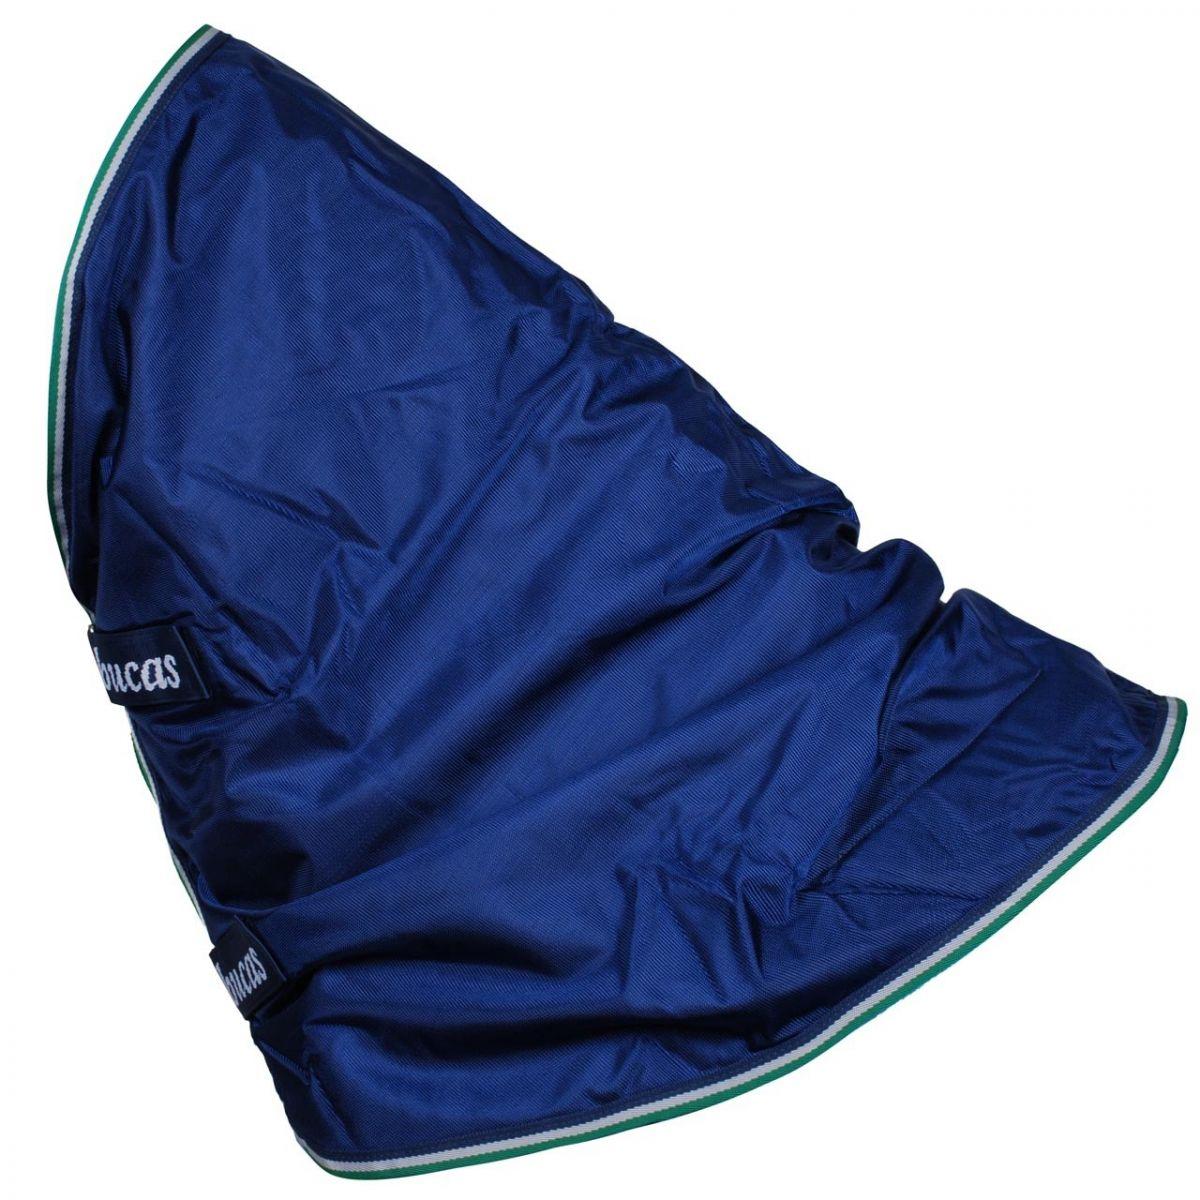 Bucas Smartex halsstuk donkerblauw maat:xl